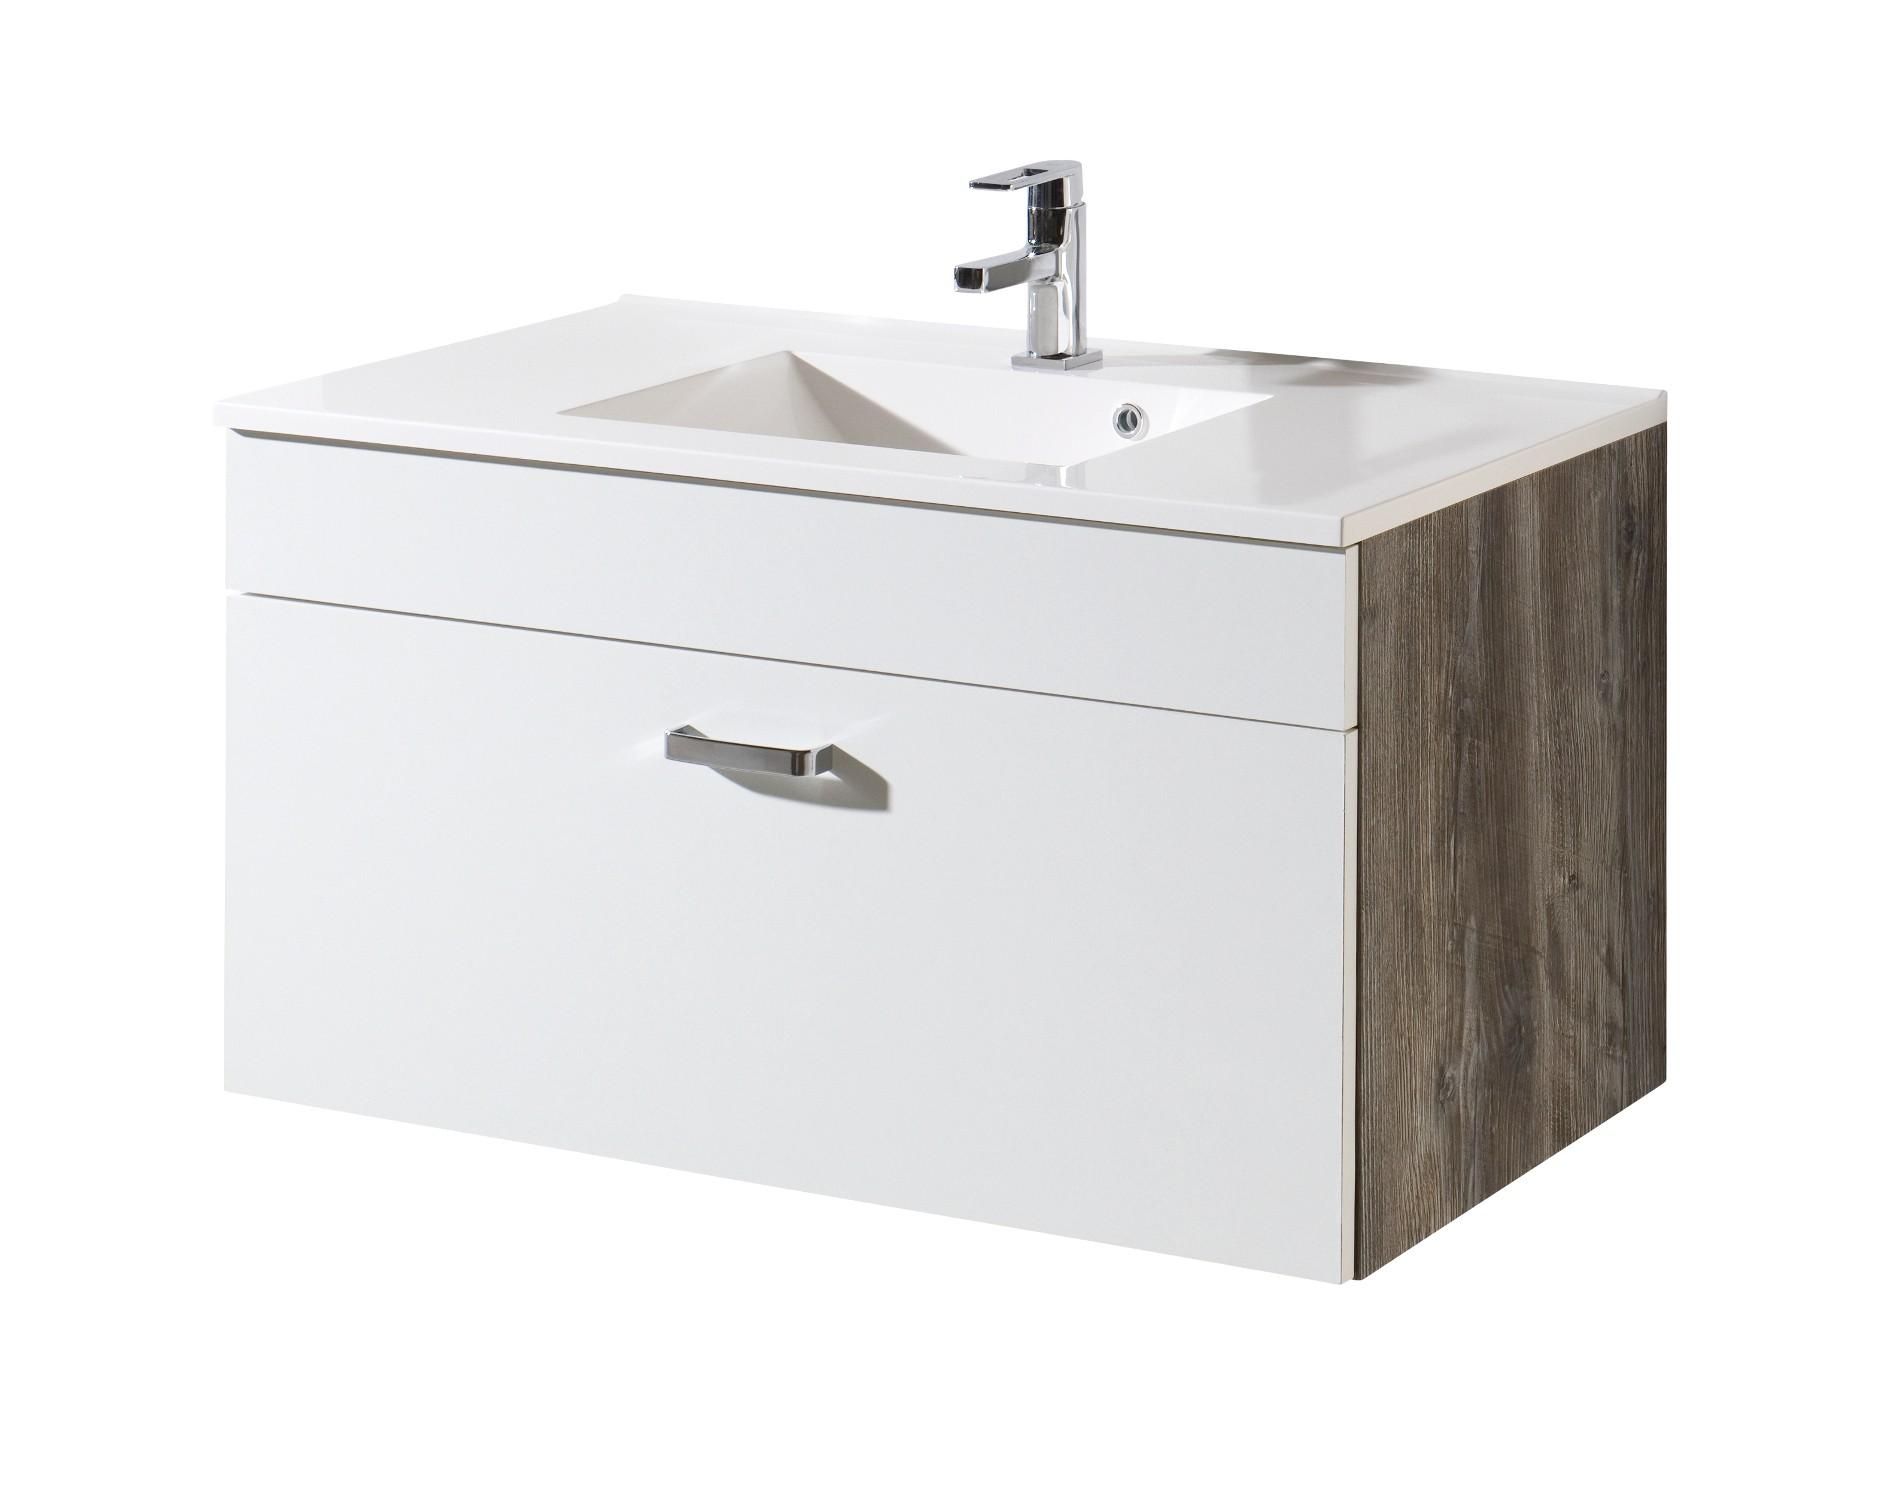 neu badezimmer waschtisch mit becken capri waschplatz. Black Bedroom Furniture Sets. Home Design Ideas